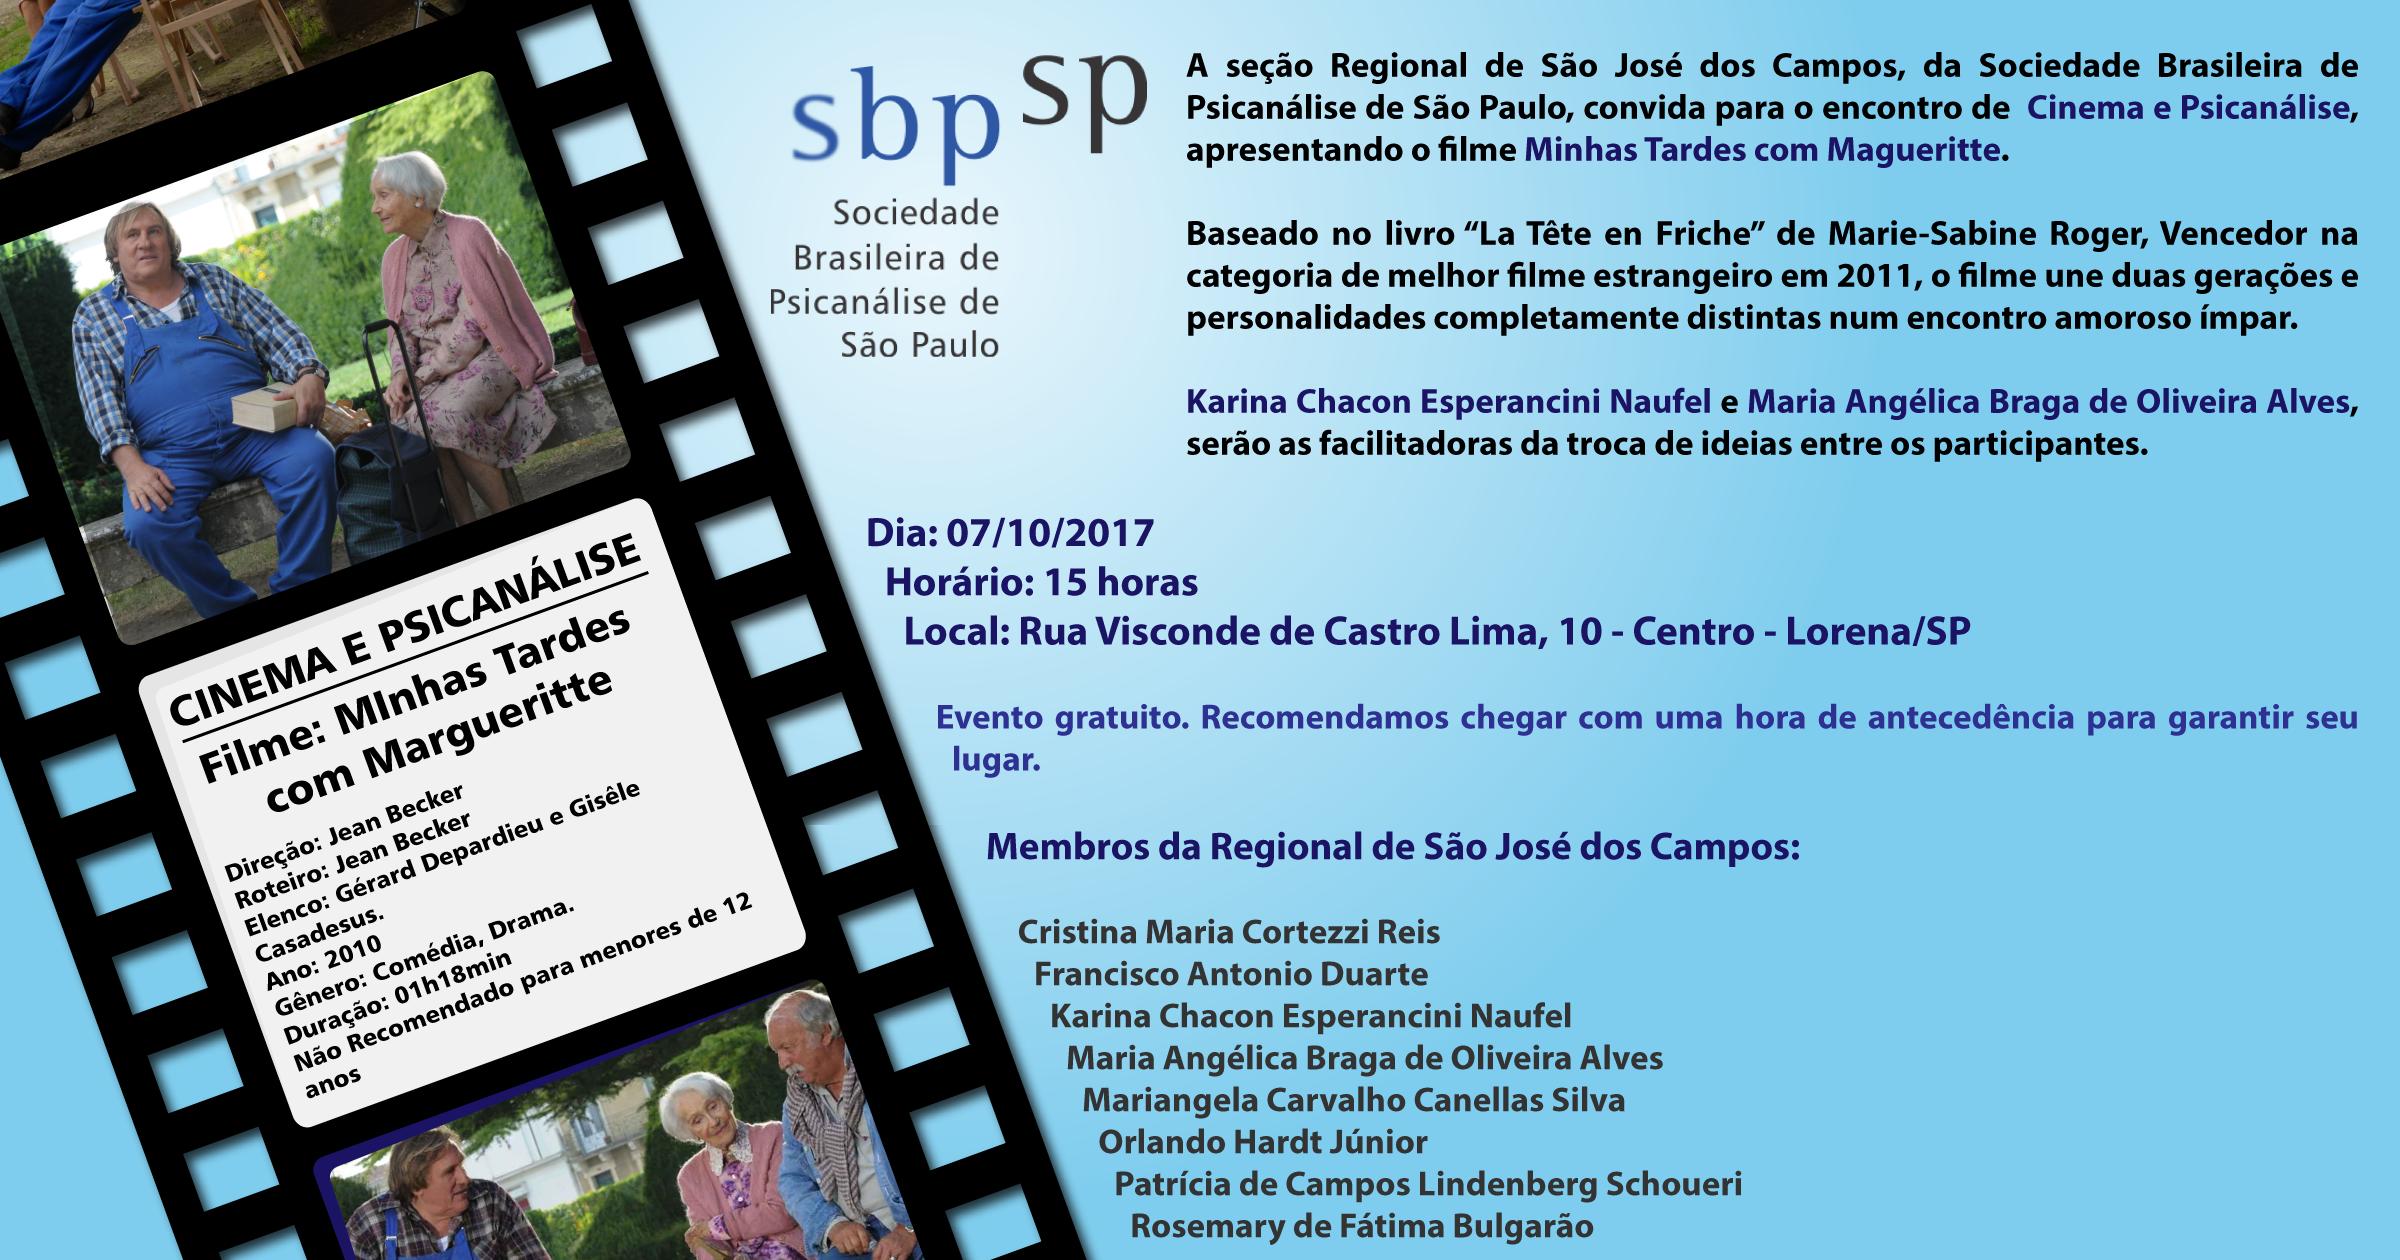 Cinema-e-Pisicanalese (1)